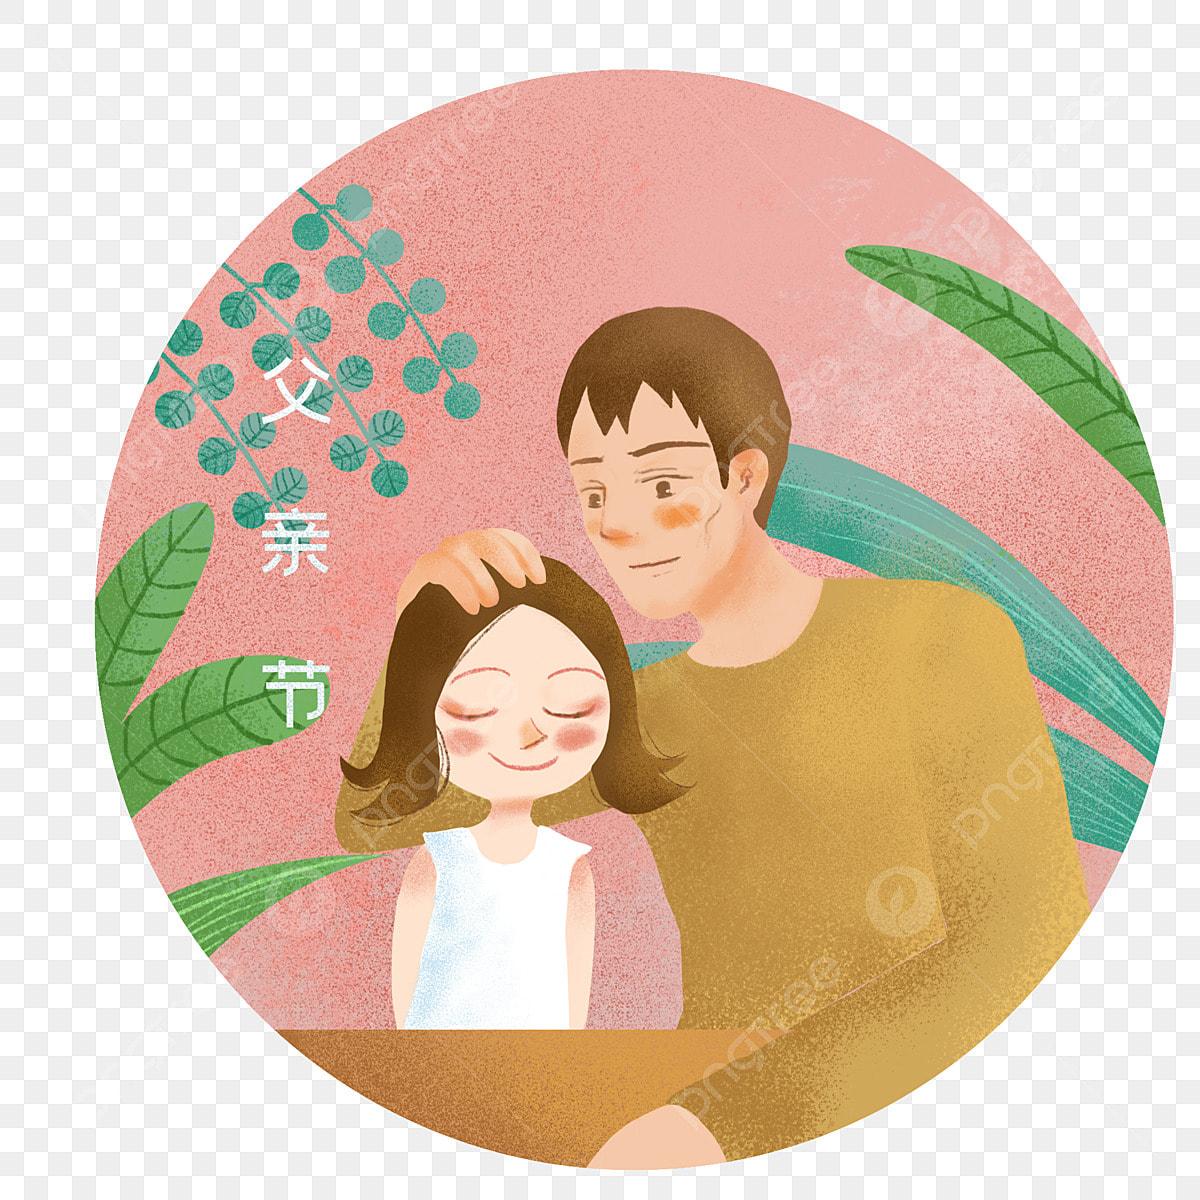 Gambar Ayah Menyentuh Kepala Anak Perempuannya Hari Bapa Ayah Anak Perempuan Png Dan Psd Untuk Muat Turun Percuma